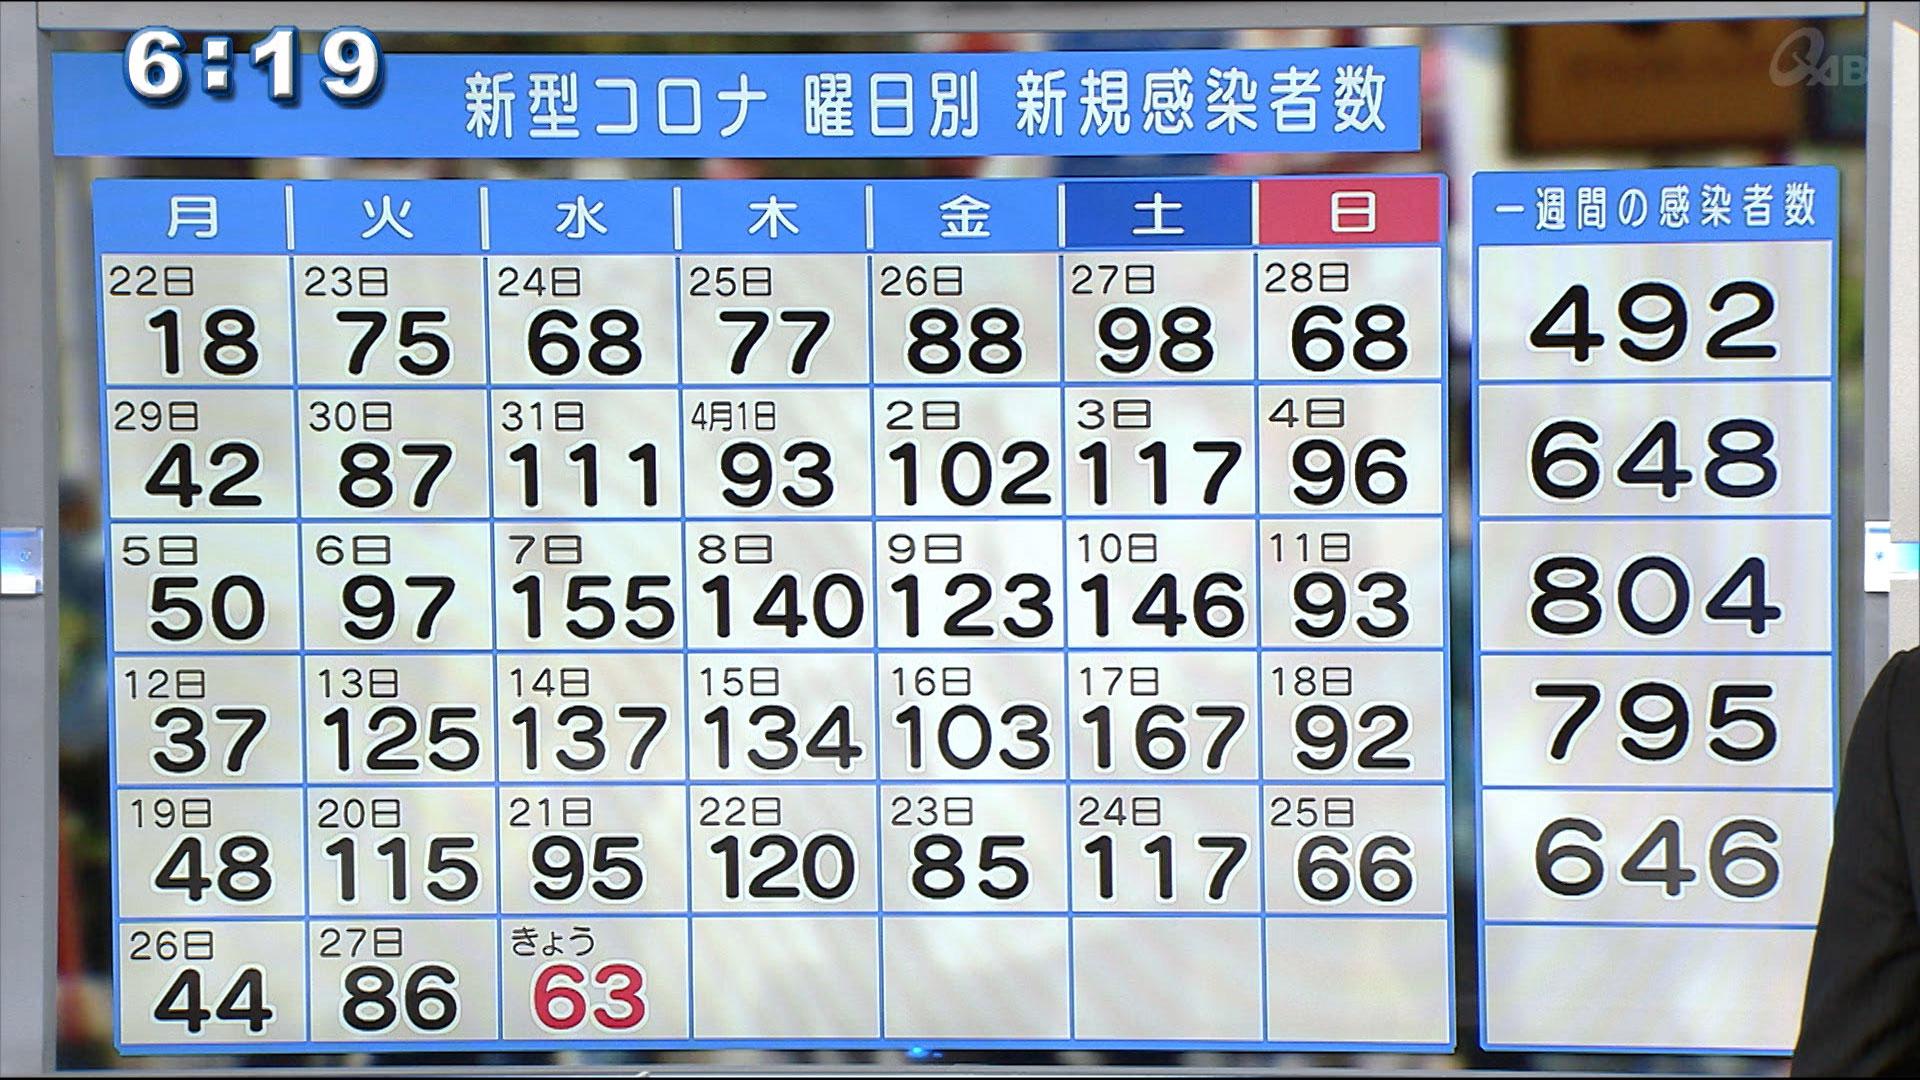 沖縄県 コロナ新規感染者63人 9日連続で前週同曜日を下回る